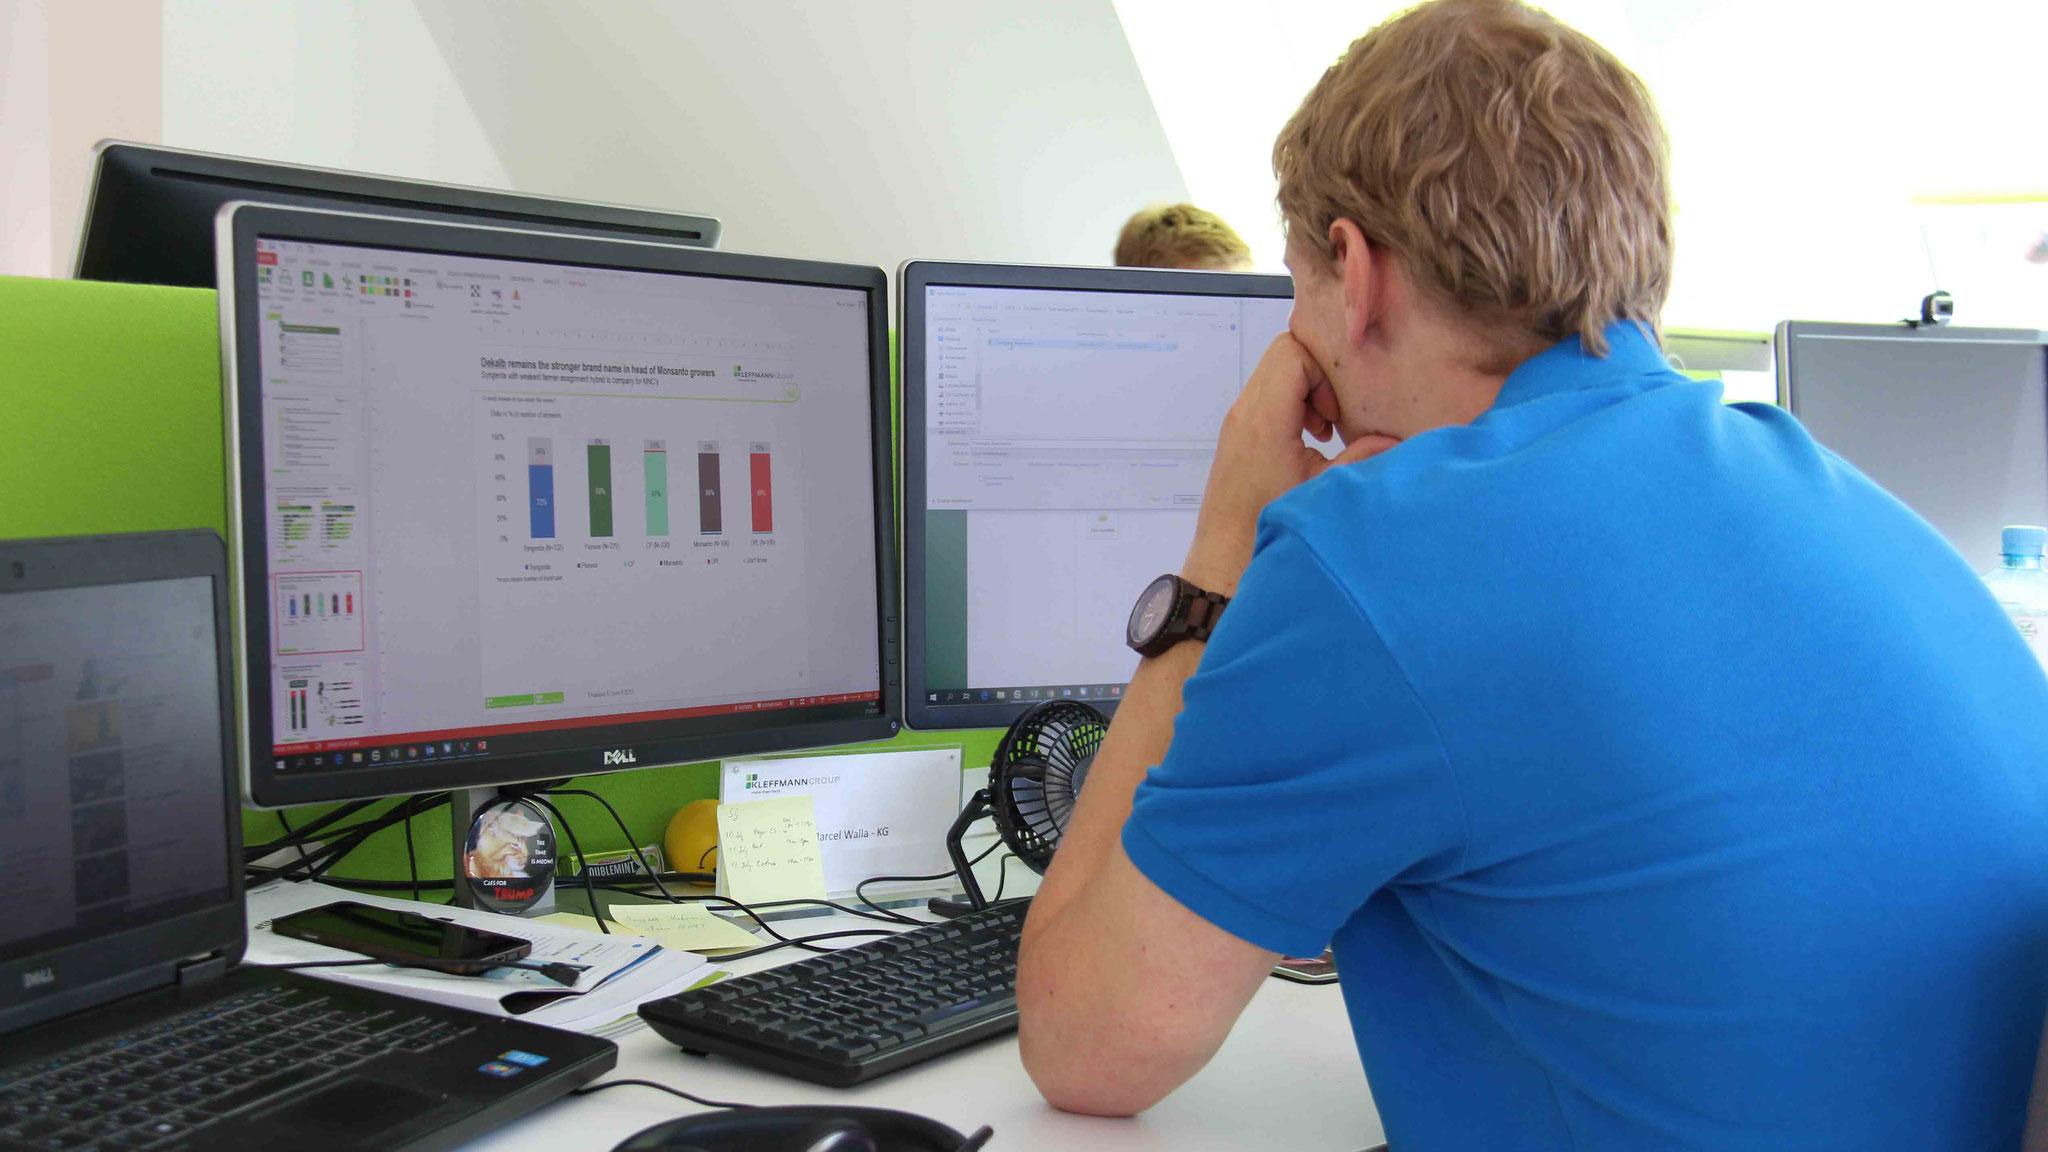 Geoinformatiker und Webentwickler gehören seit der Entwicklung des neuen, digitalen Geschäftsbereichs auch zu den Mitarbeitern